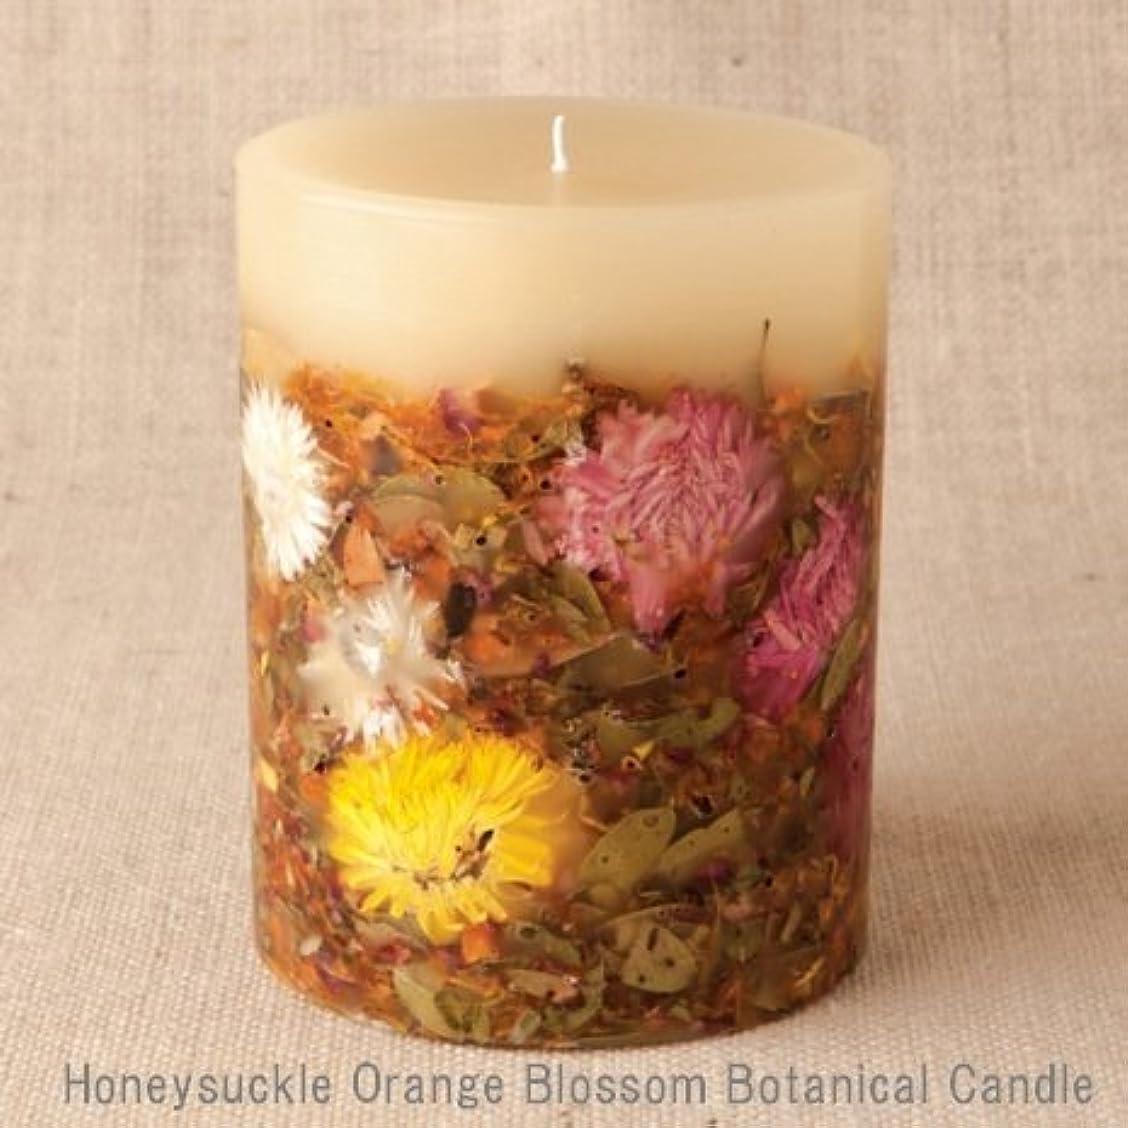 正当な残る排気【Rosy Rings ロージーリングス】 Botanical candle キャンドル ハニーサックルオレンジ&ブロッサム